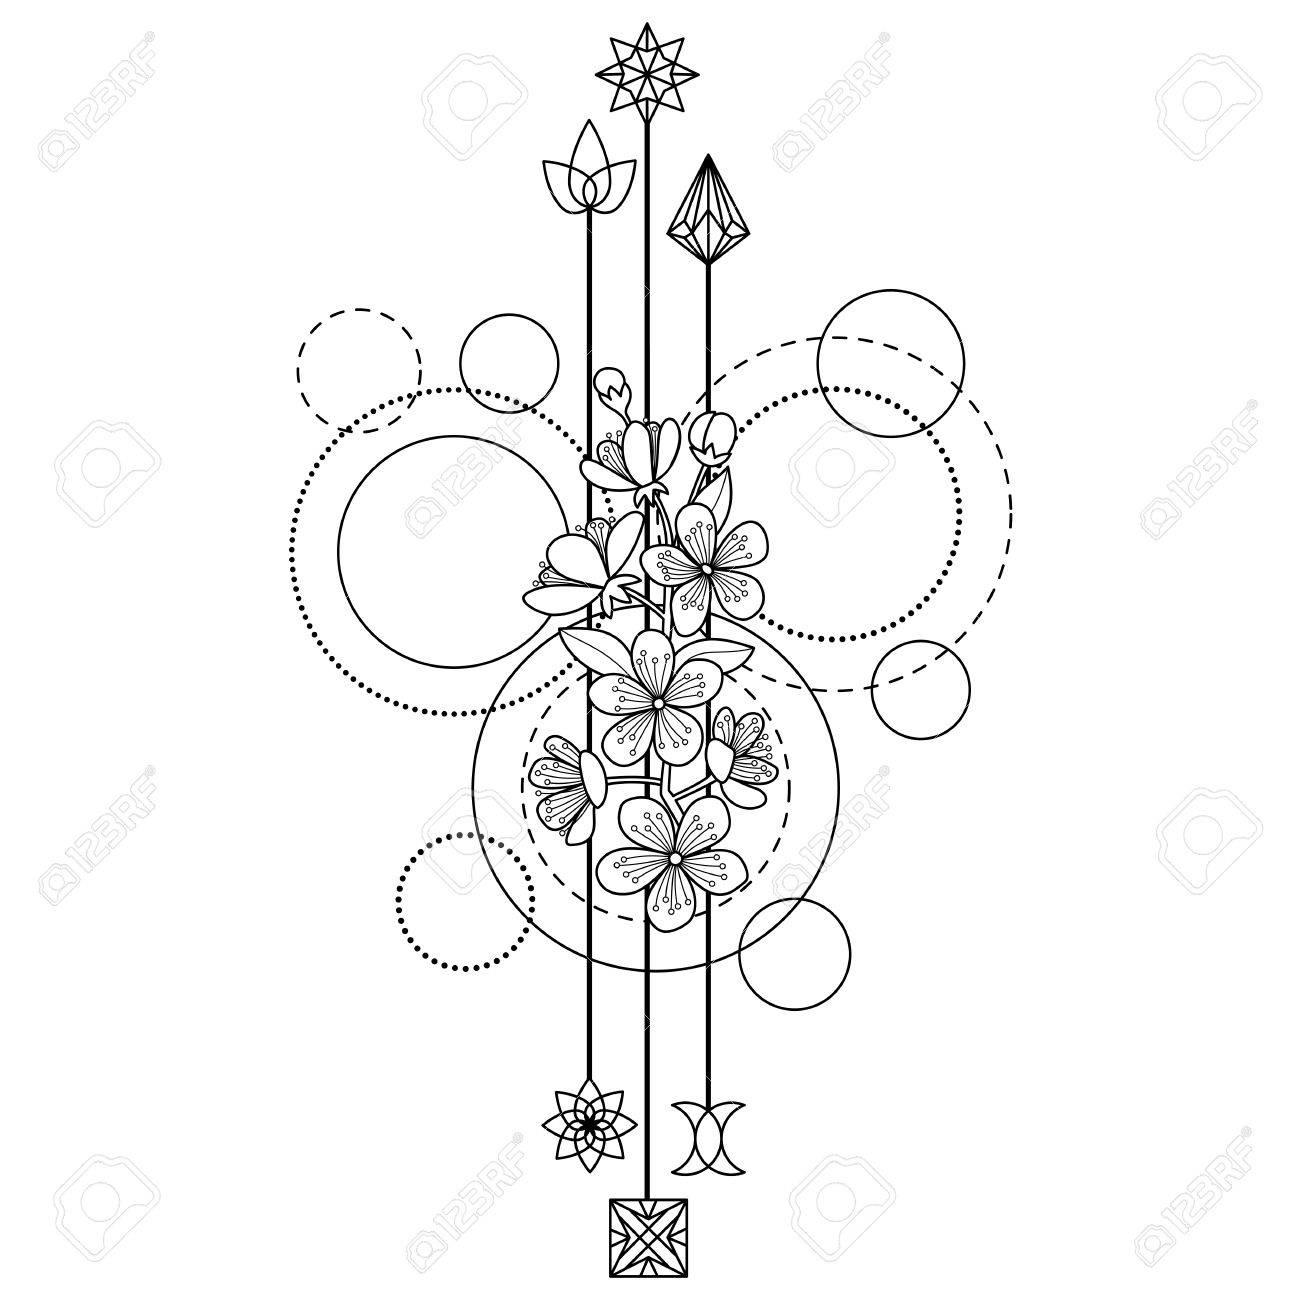 Kirschbluten Tattoo Mehr Als 50 Einzigartige